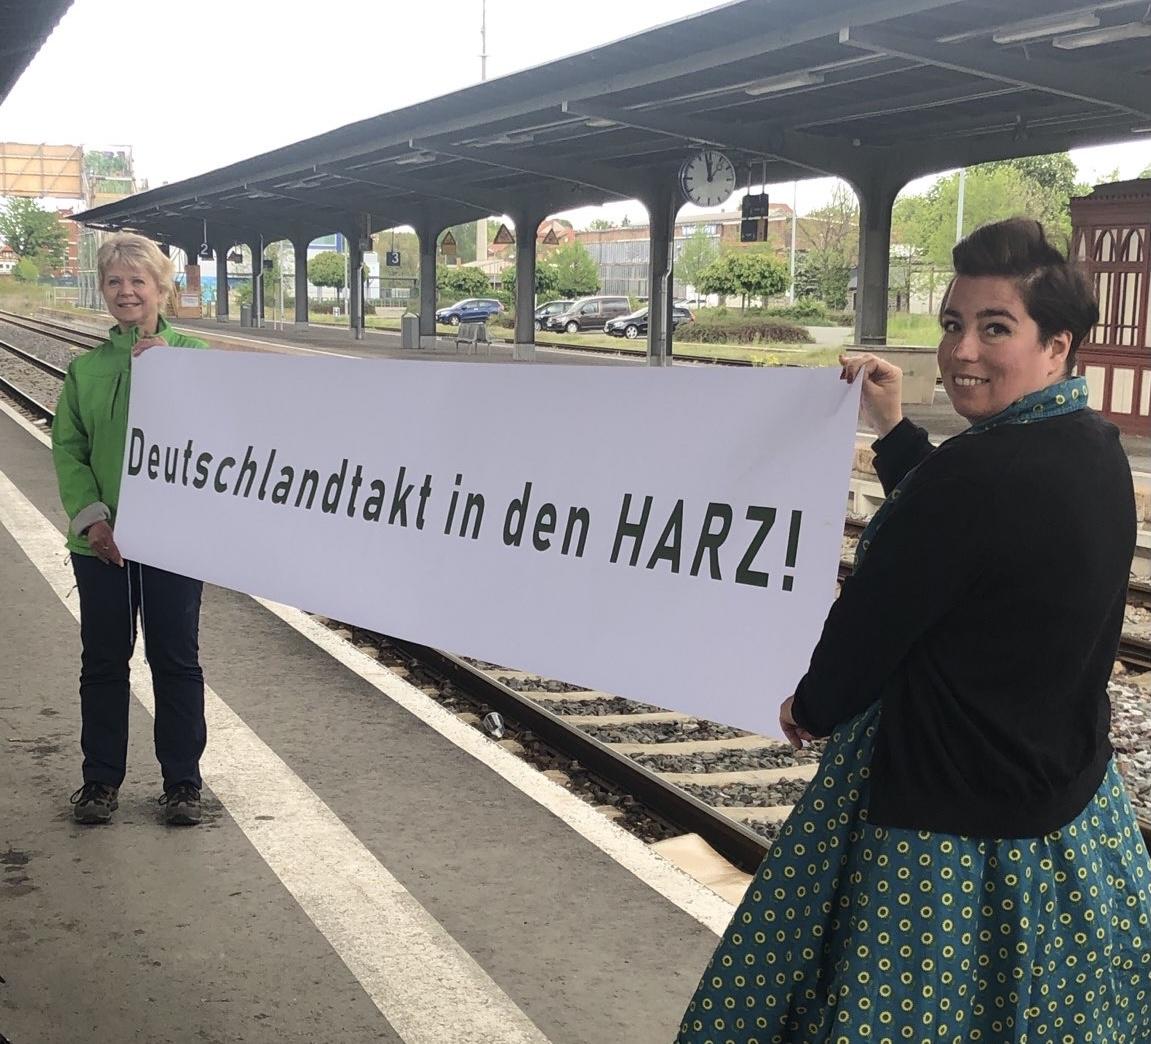 Deutschlandtakt in den Harz